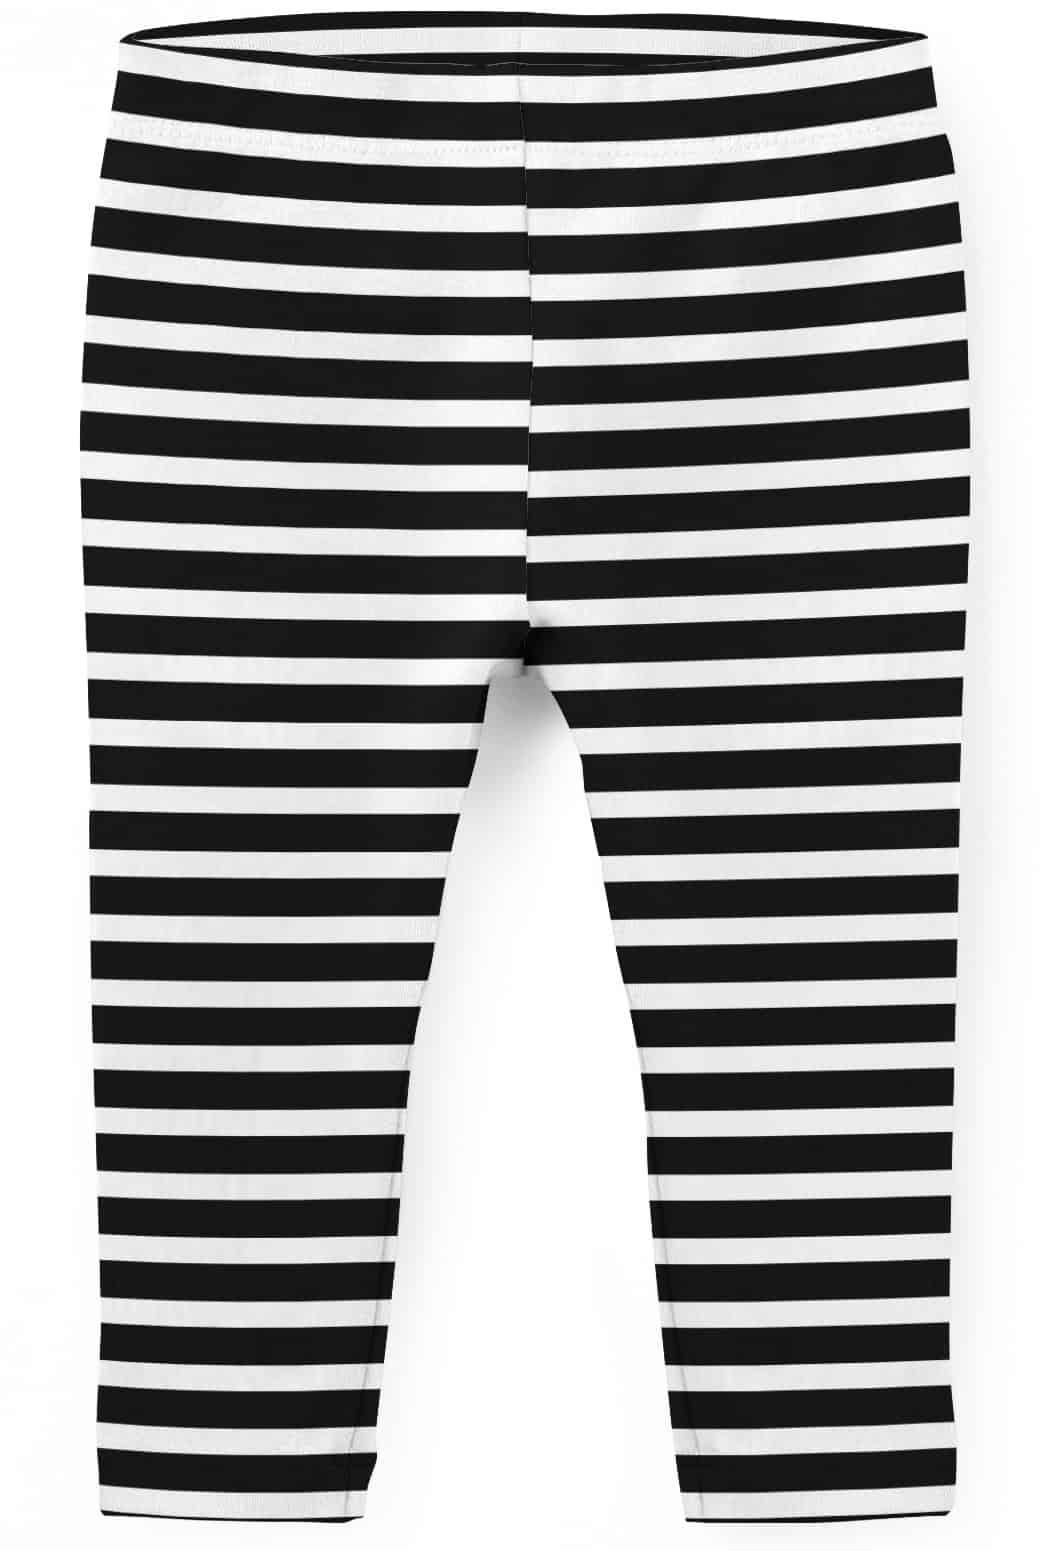 ad0d082f870dac Horizontal Stripe Kids Leggings - Designed By Squeaky Chimp Tshirts ...